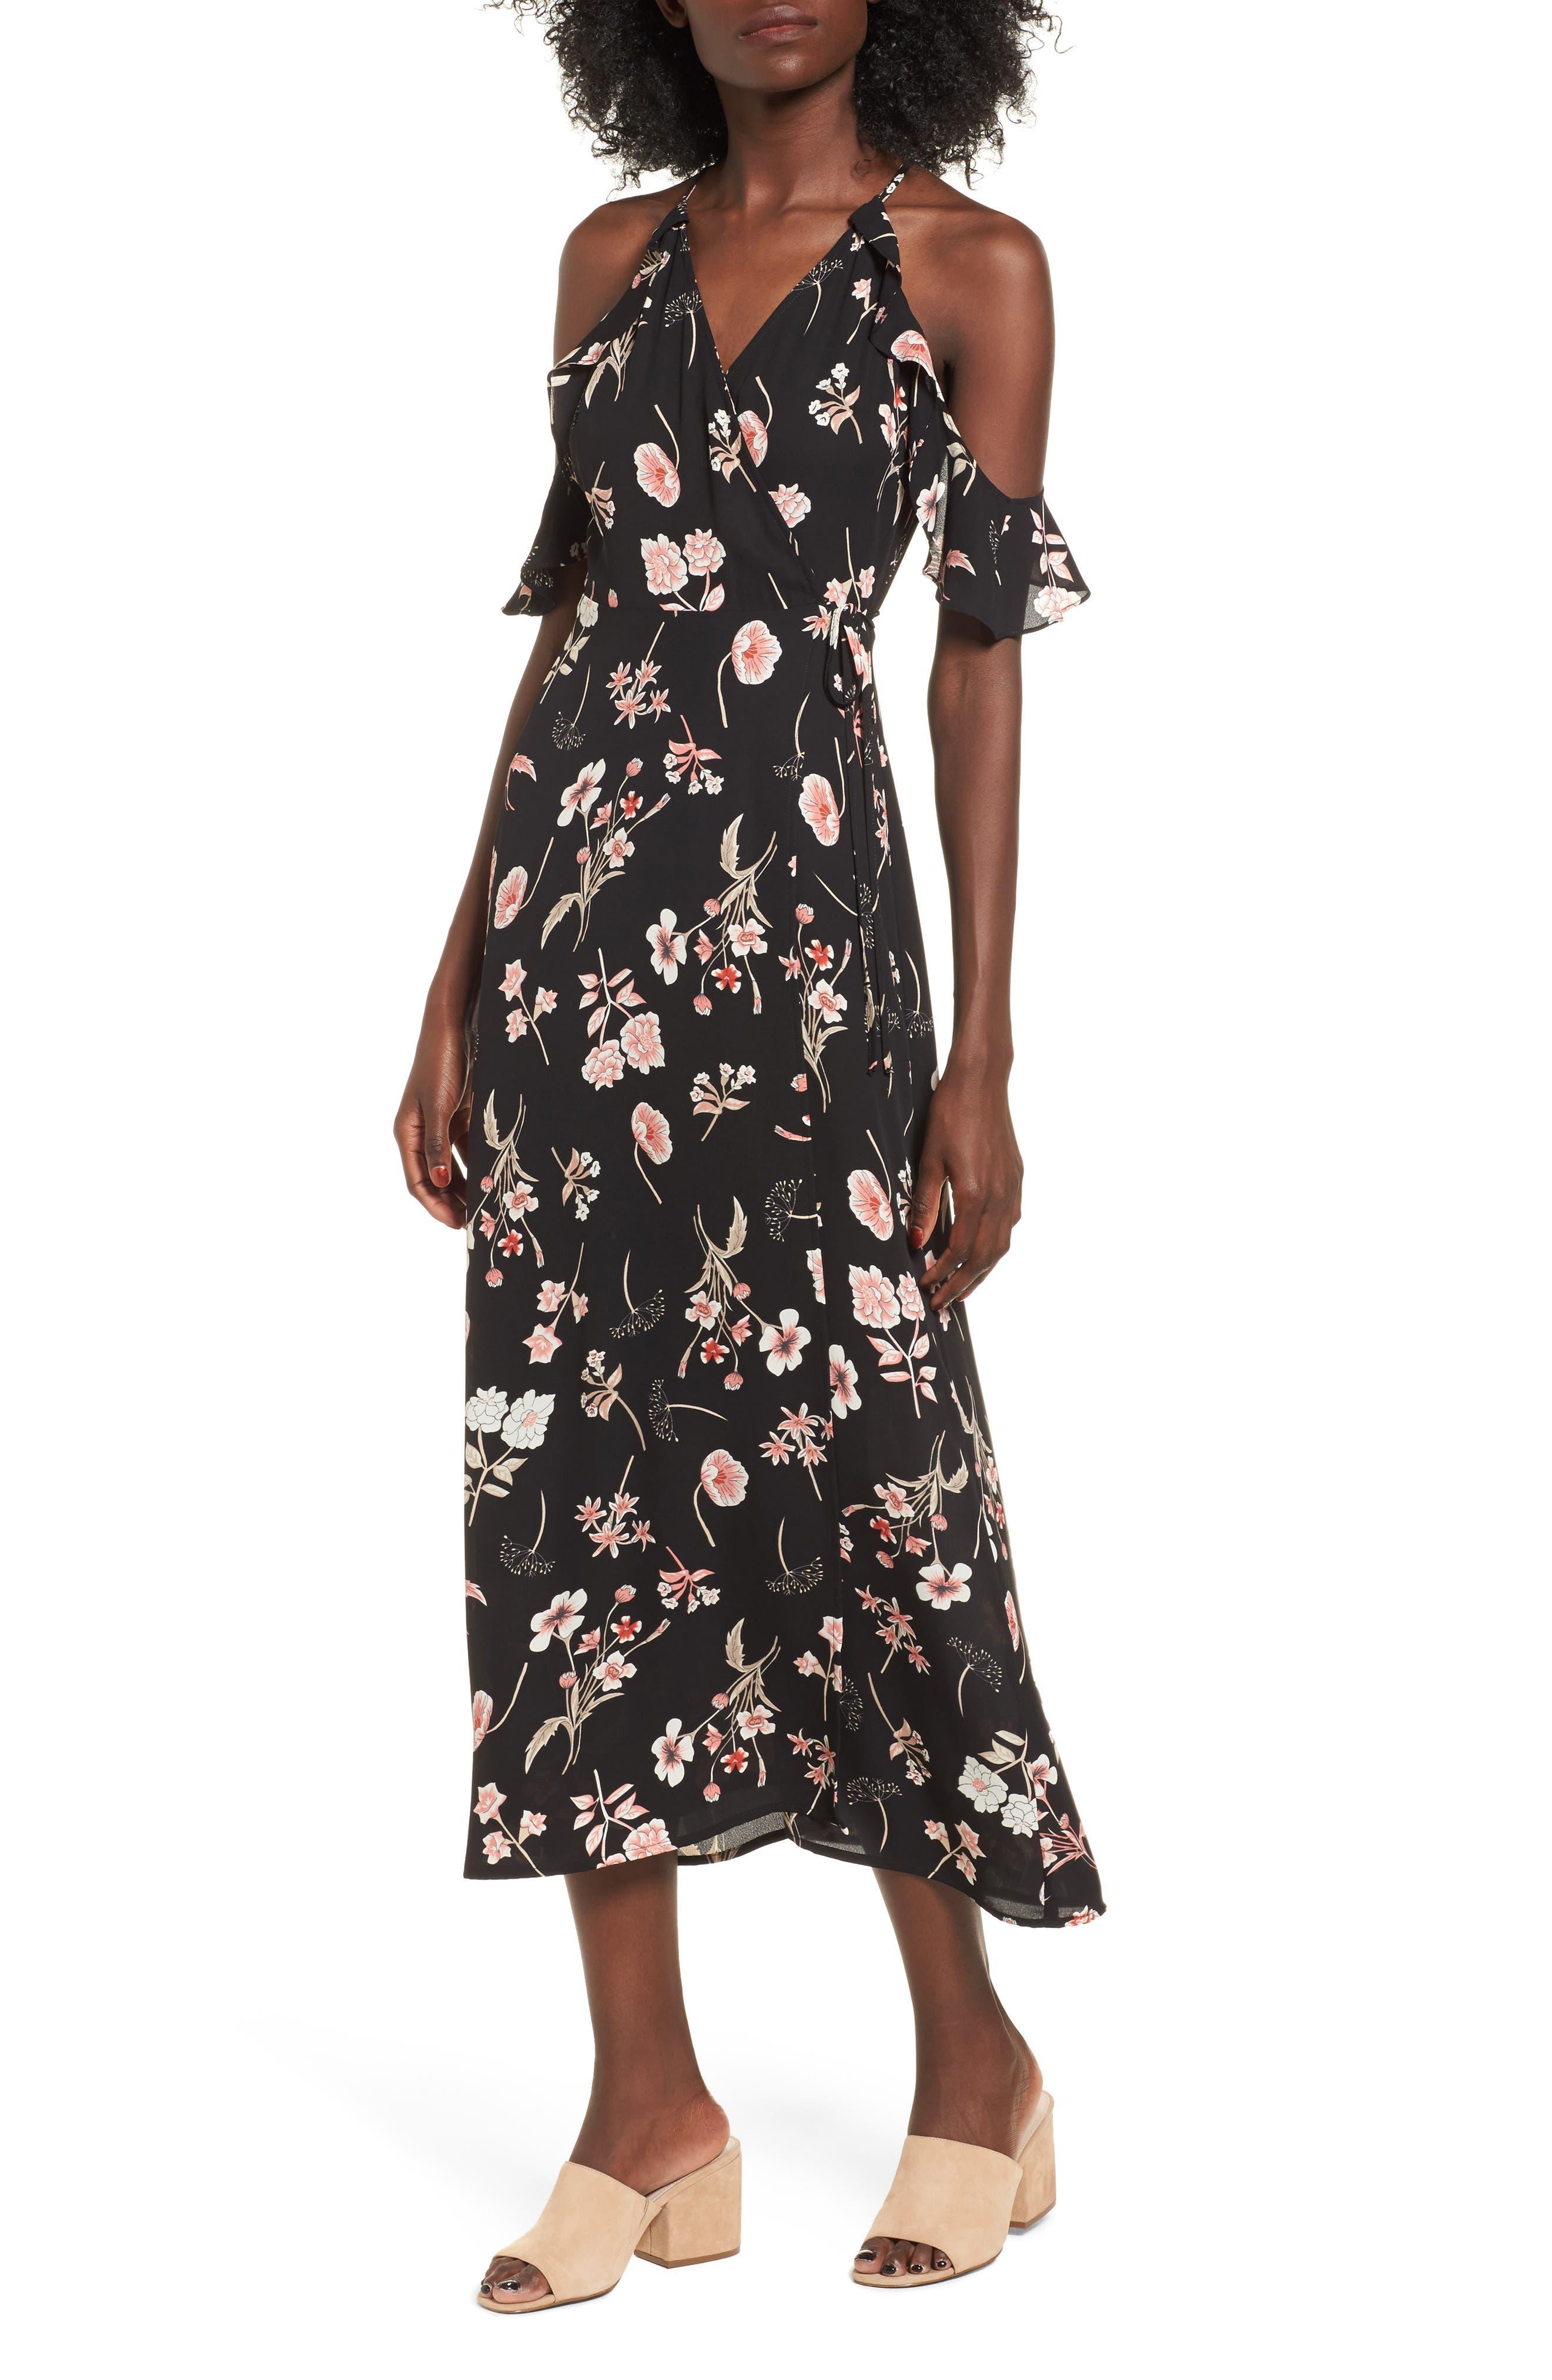 Alternate Image 1 Selected - Lush Floral Cold Shoulder Midi Dress